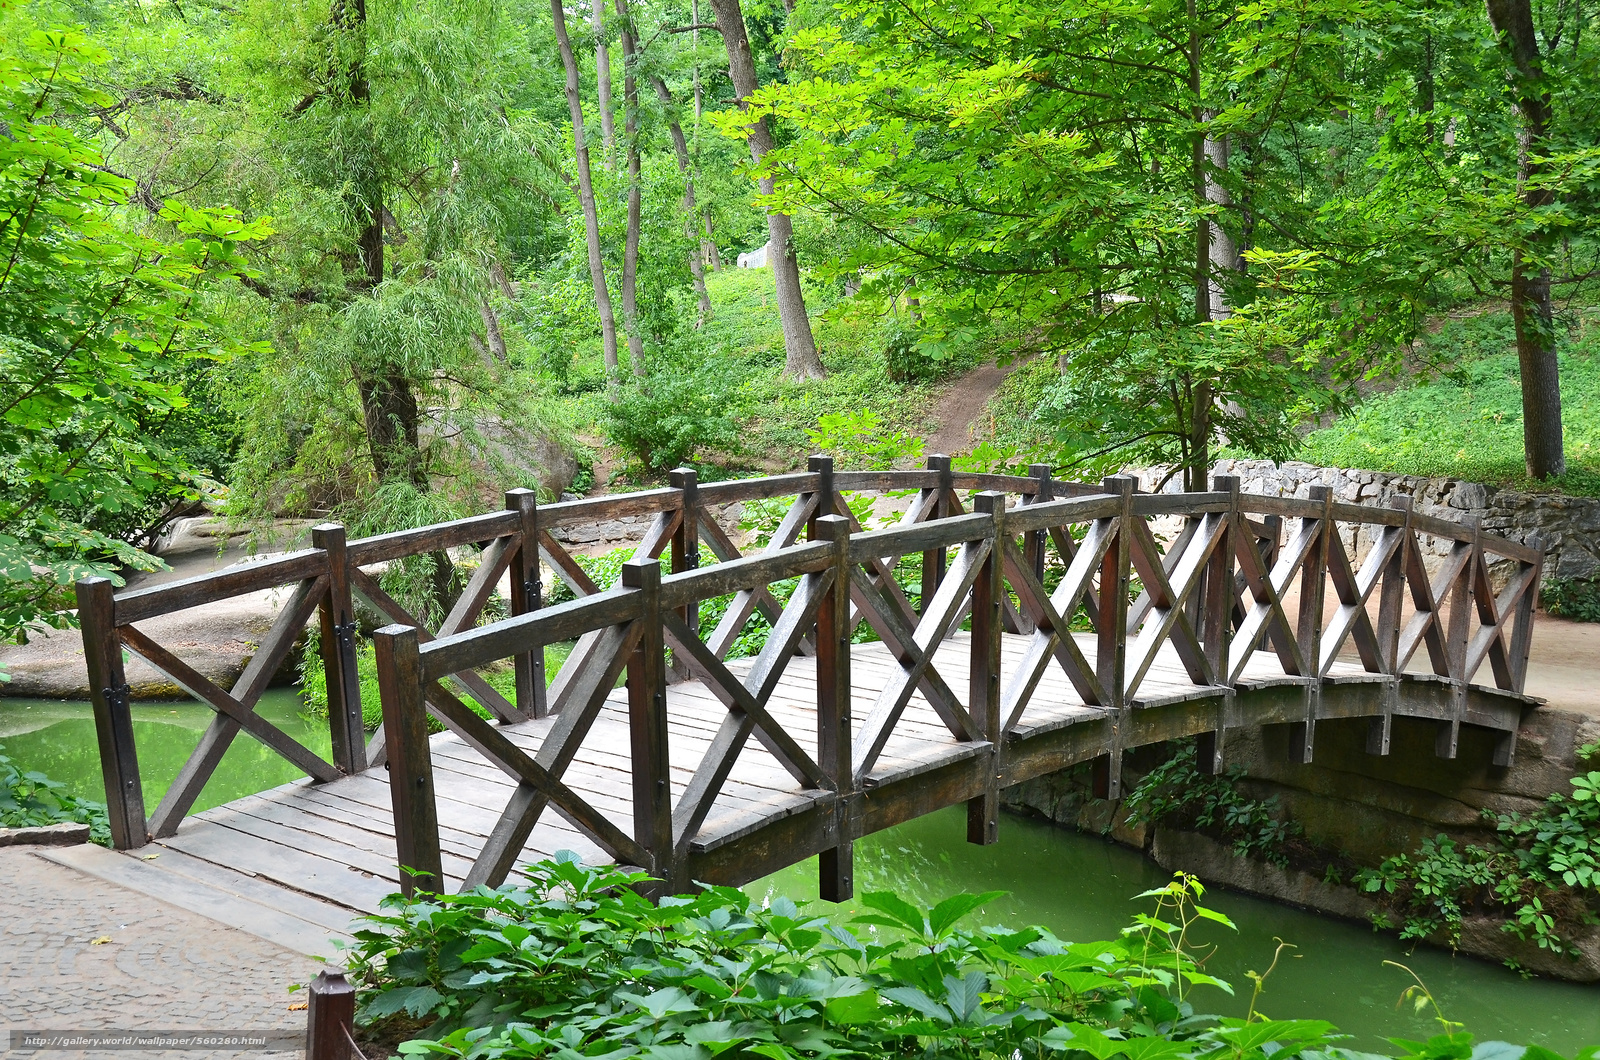 下载壁纸 老公园桥,  Sofievka,  乌曼,  乌克兰 免费为您的桌面分辨率的壁纸 3100x2053 — 图片 №560280